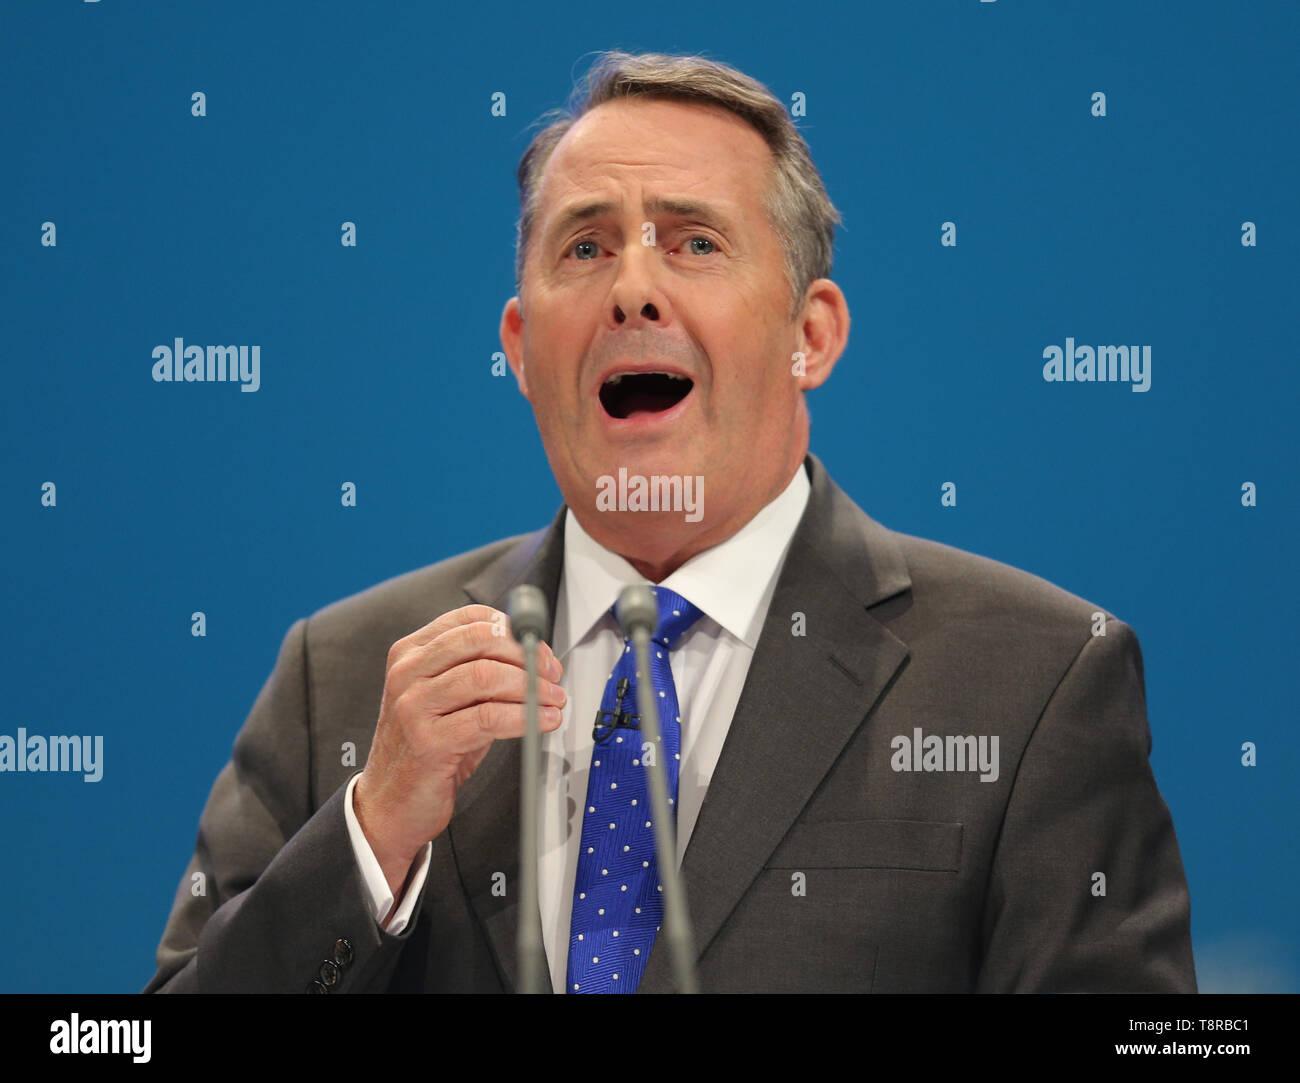 LIAM FOX MP, 2017 Immagini Stock